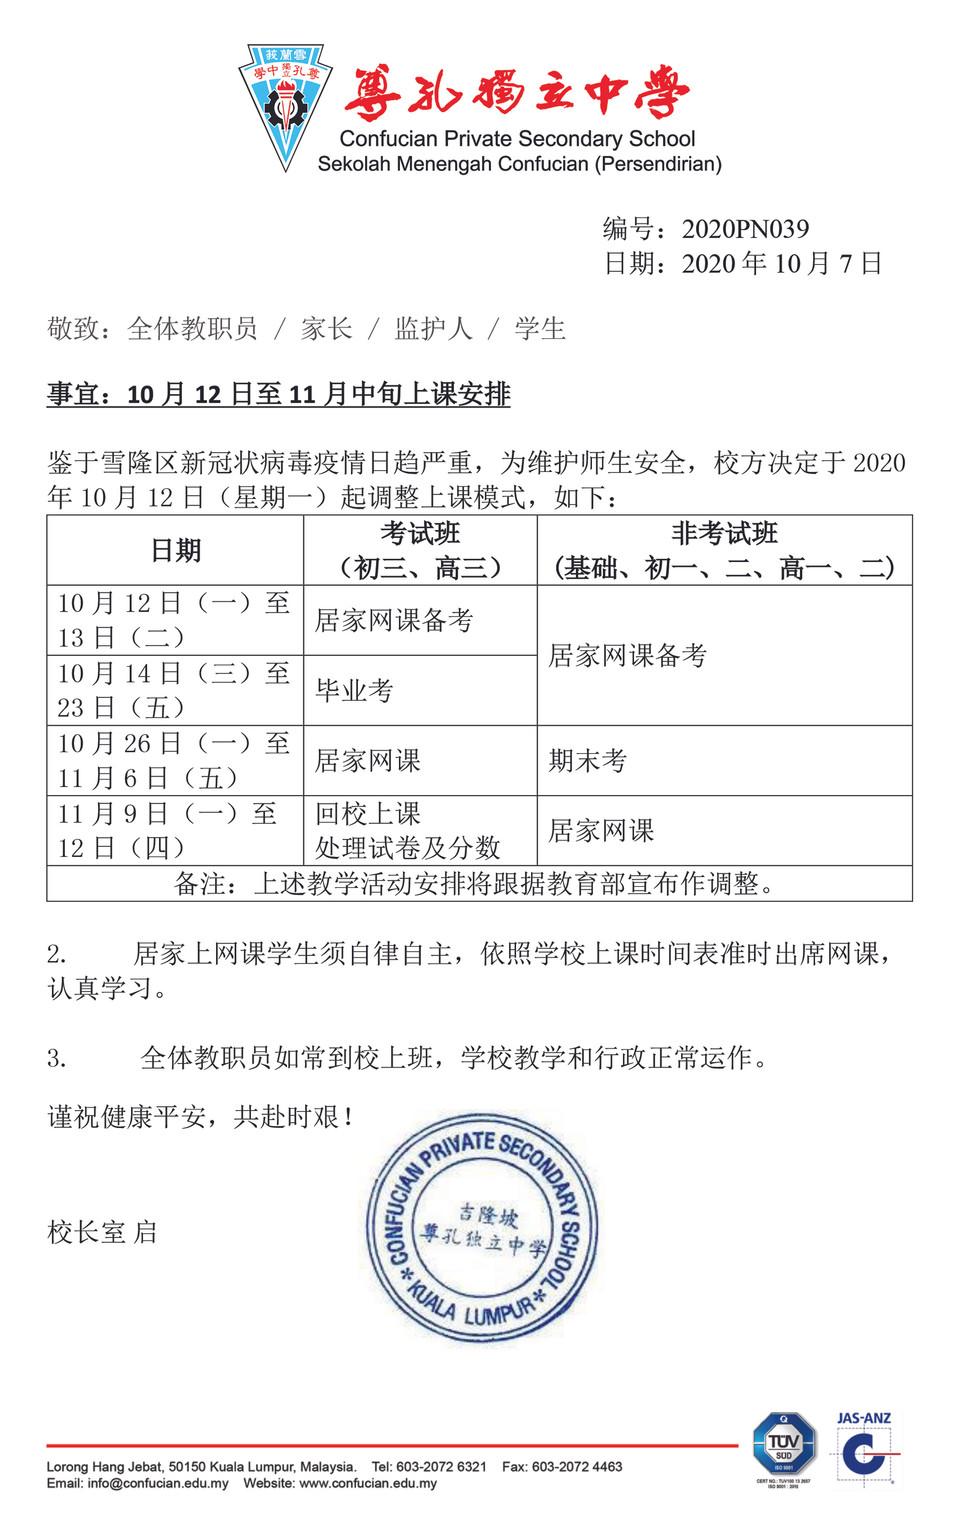 [校长室通告]10月12日至11月中旬上课安排